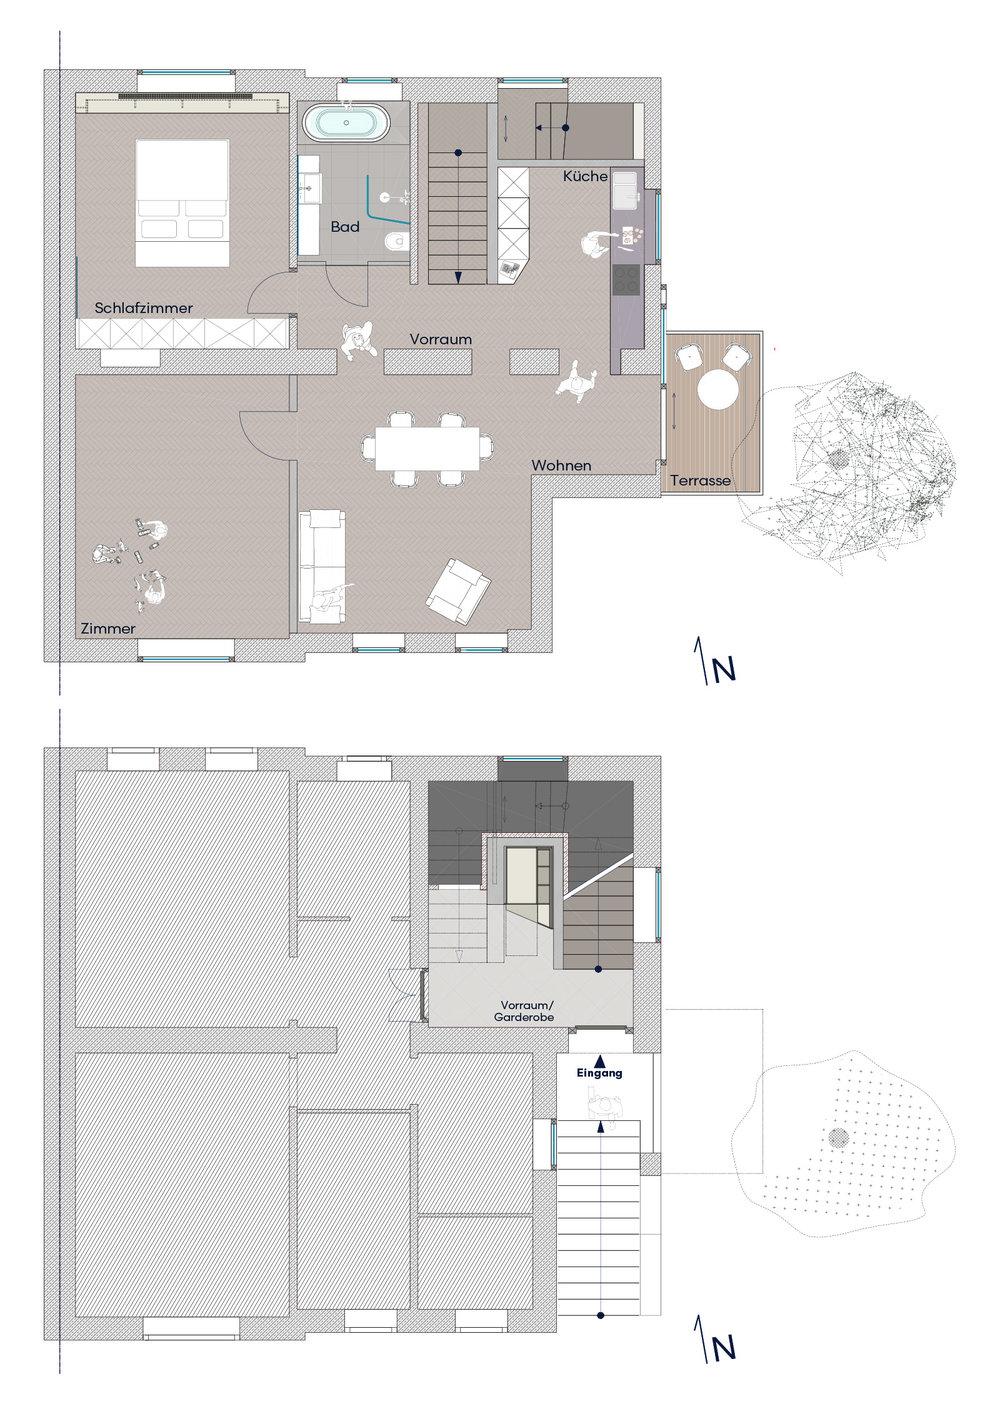 Maki-Ortner-3und20-Grundrisse-01-1600.jpg